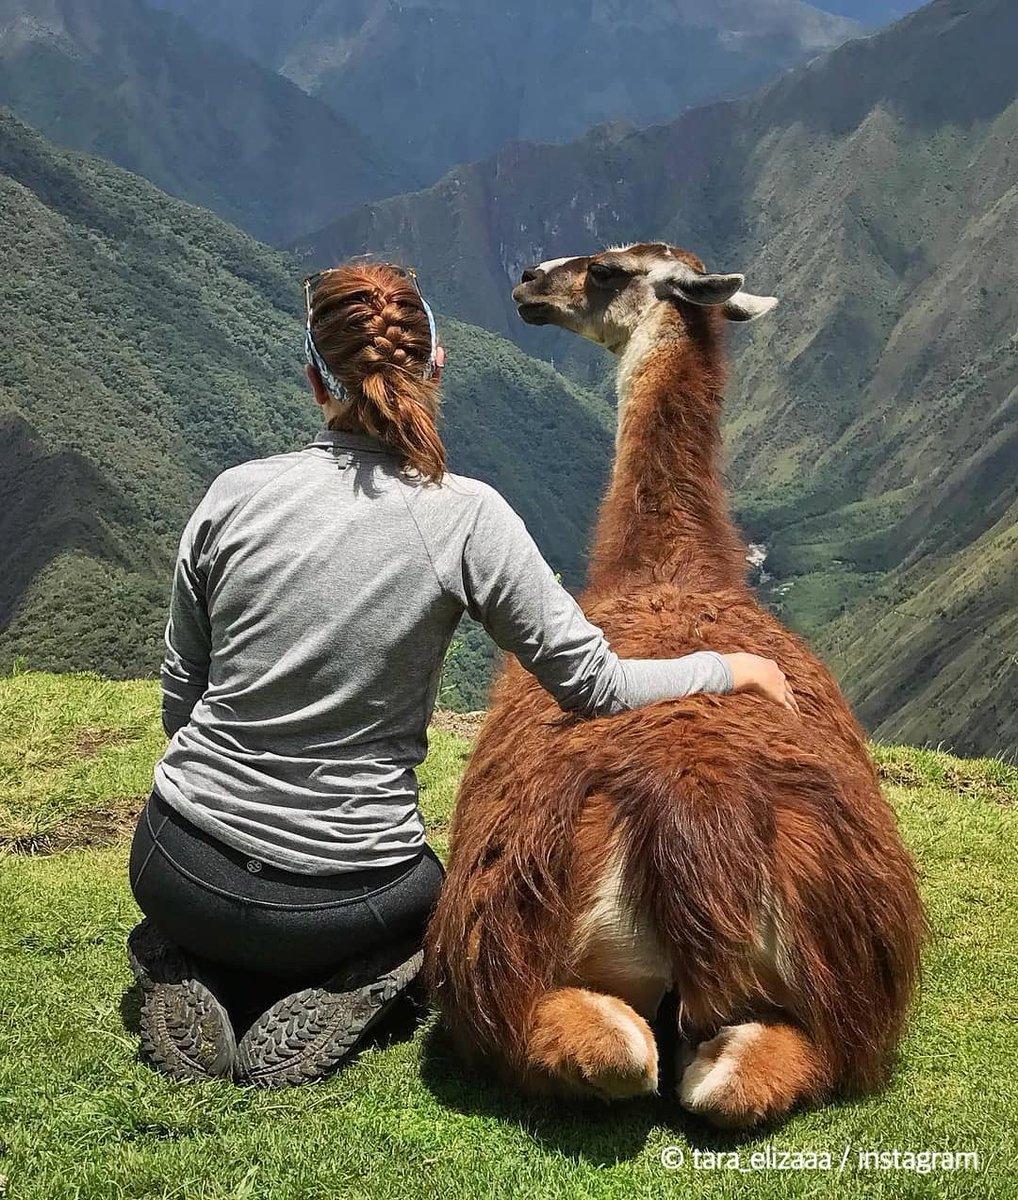 シルバーウィークは楽しめたけど、明日からまた現実に戻らなきゃね…😧  📷@tara_elizaaa  #Peru #ペルー #意外性大国ペルー #旅 #旅行 #おうち旅行 #エア旅行 #バケットリスト #旅好き #旅好きな人と繋がりたい #絶景 https://t.co/tQLnp2OJY4